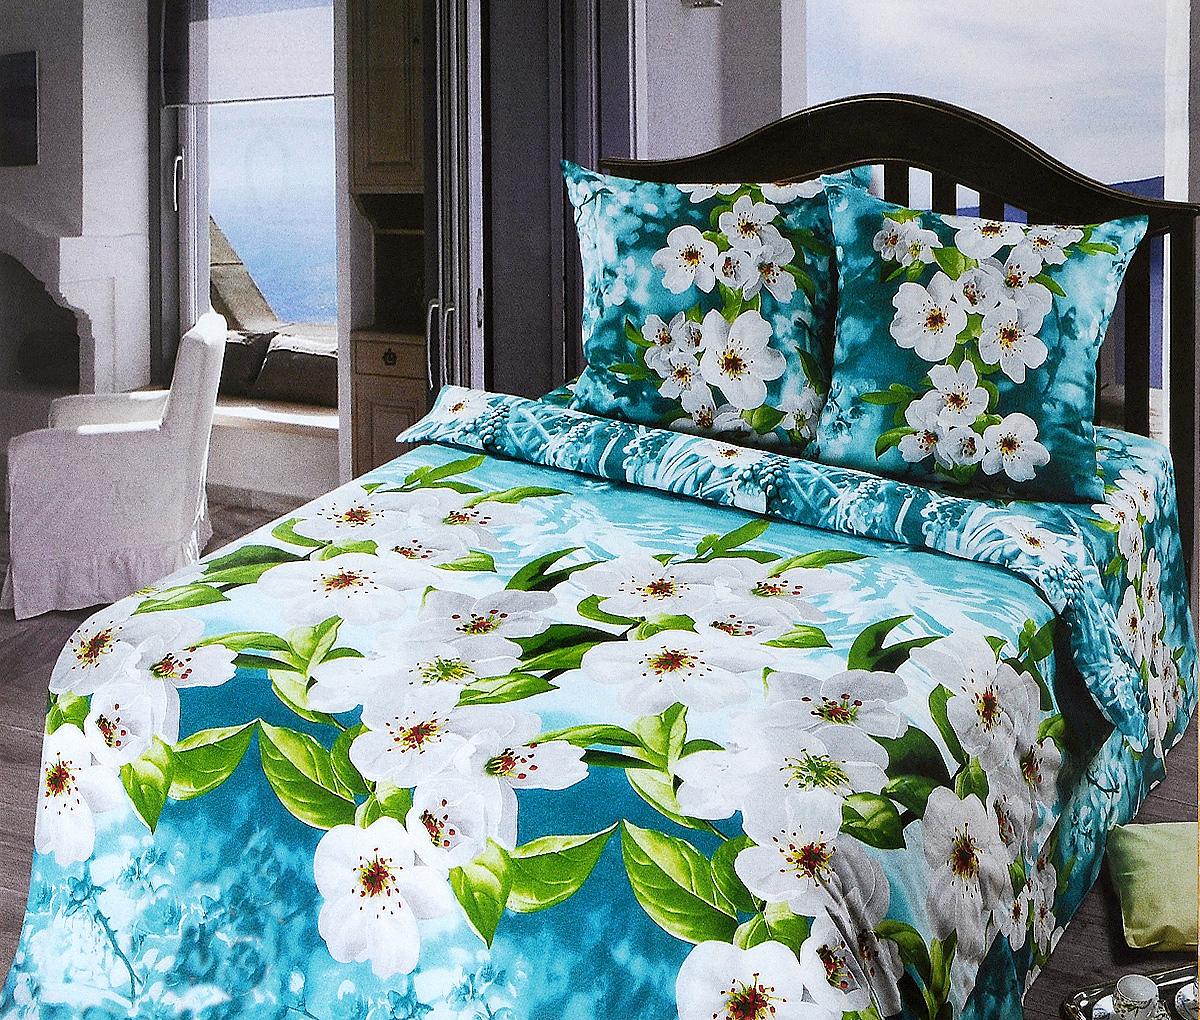 Комплект белья Арт Постель Адель, 2-спальный, наволочки 70x70 комплект белья арт постель на гребне волны 2 спальный наволочки 70х70 50х70